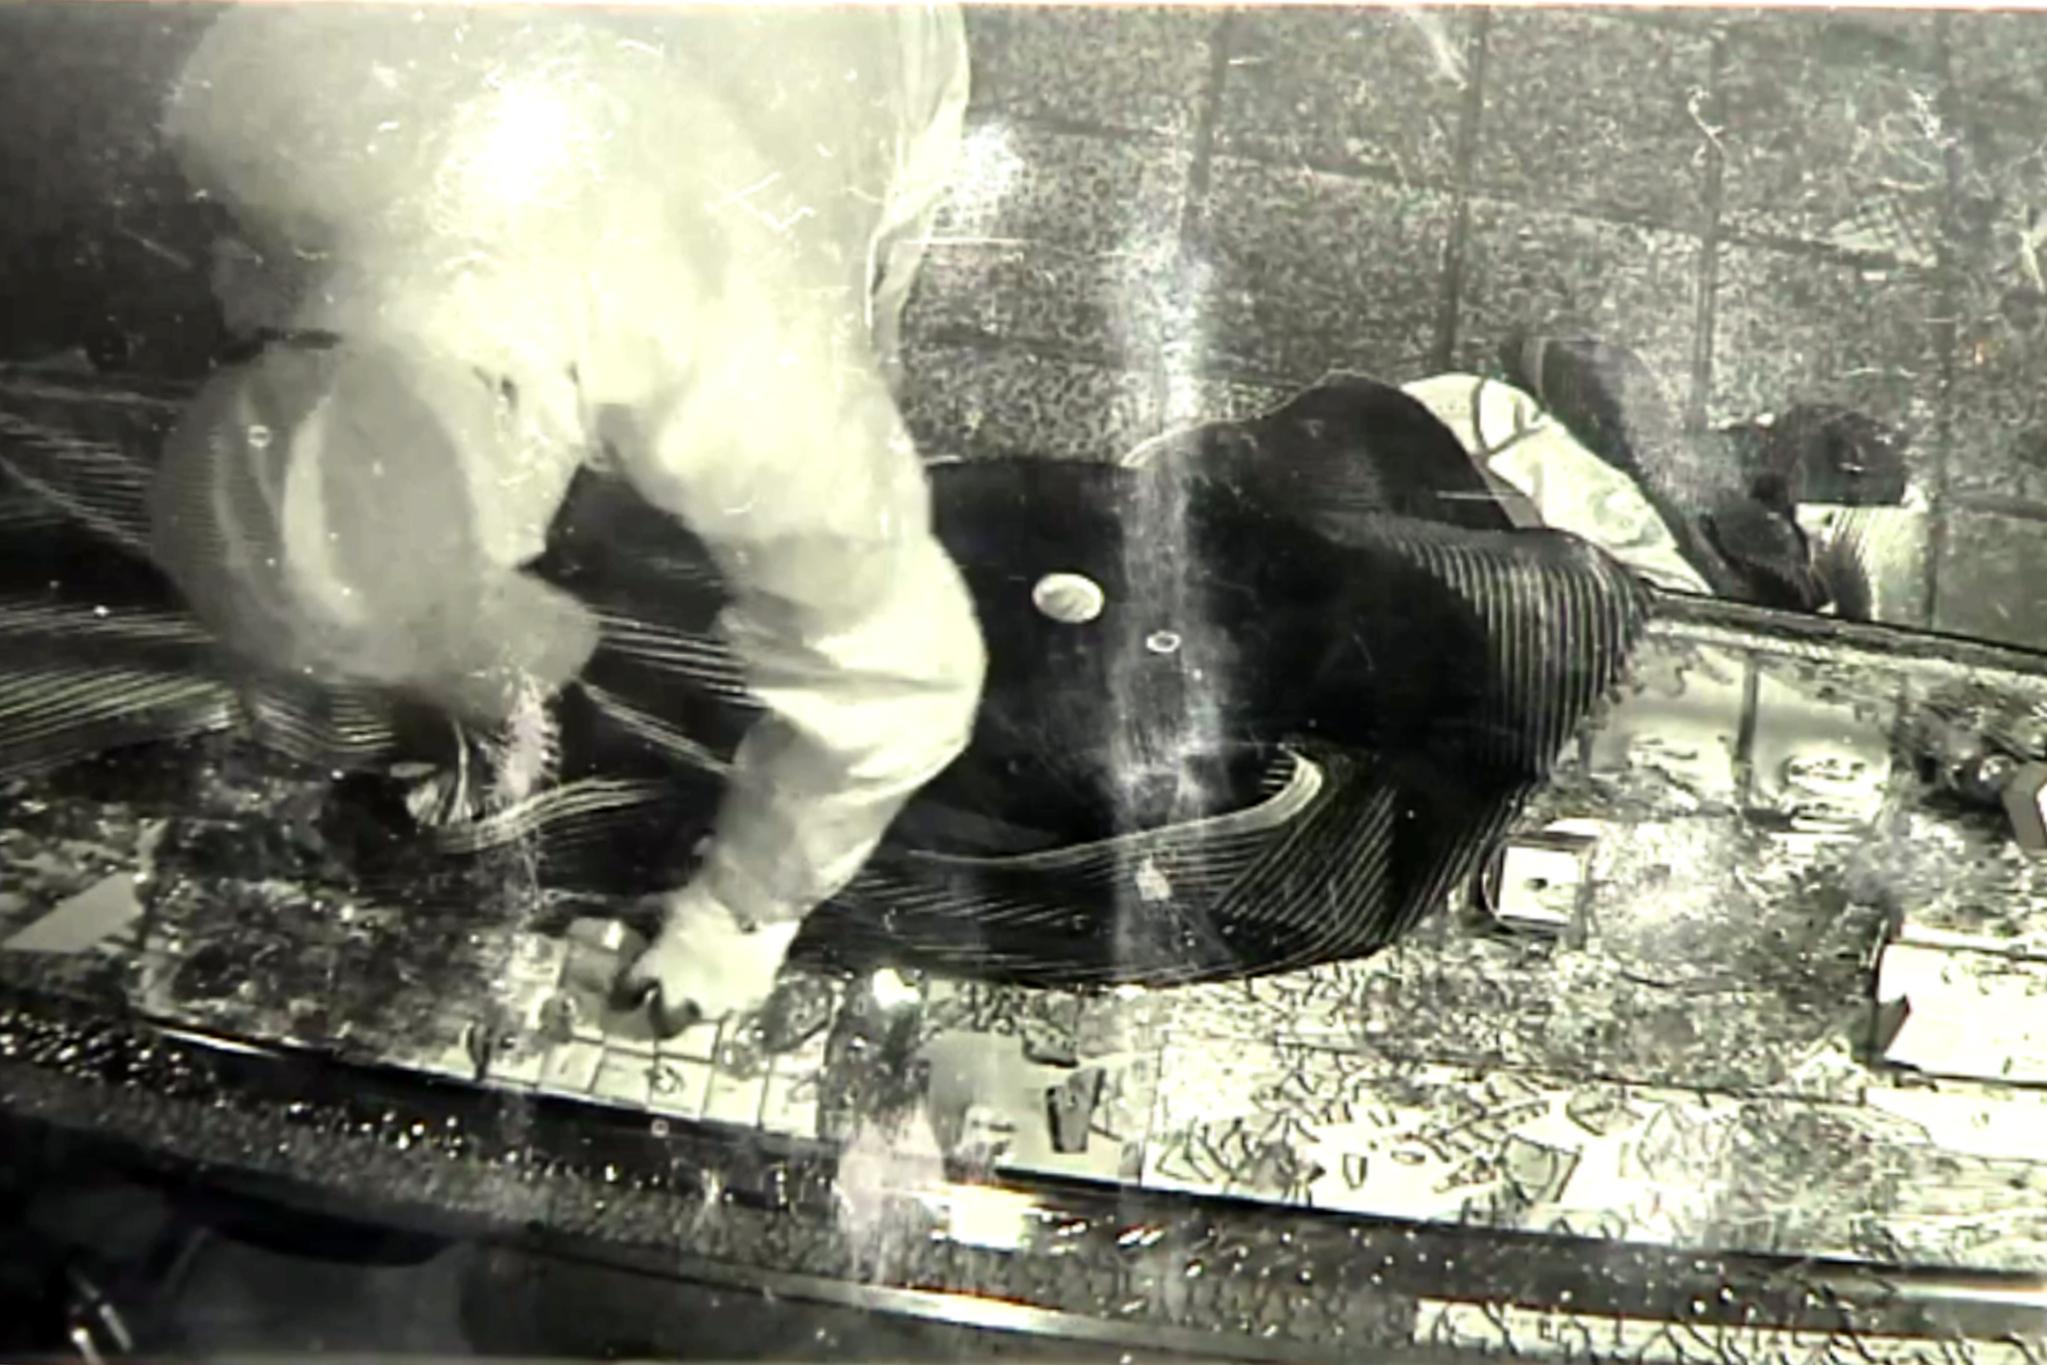 광주 남부경찰서는 금은방에 침입해 귀금속을 훔친 광주 서부경찰서 소속 A 경위를 긴급체포해 조사하고 있다고 7일 밝혔다. 사진은 A 경위가 귀금속을 훔치는 모습이 촬영된 금은방 CCTV 영상. 연합뉴스